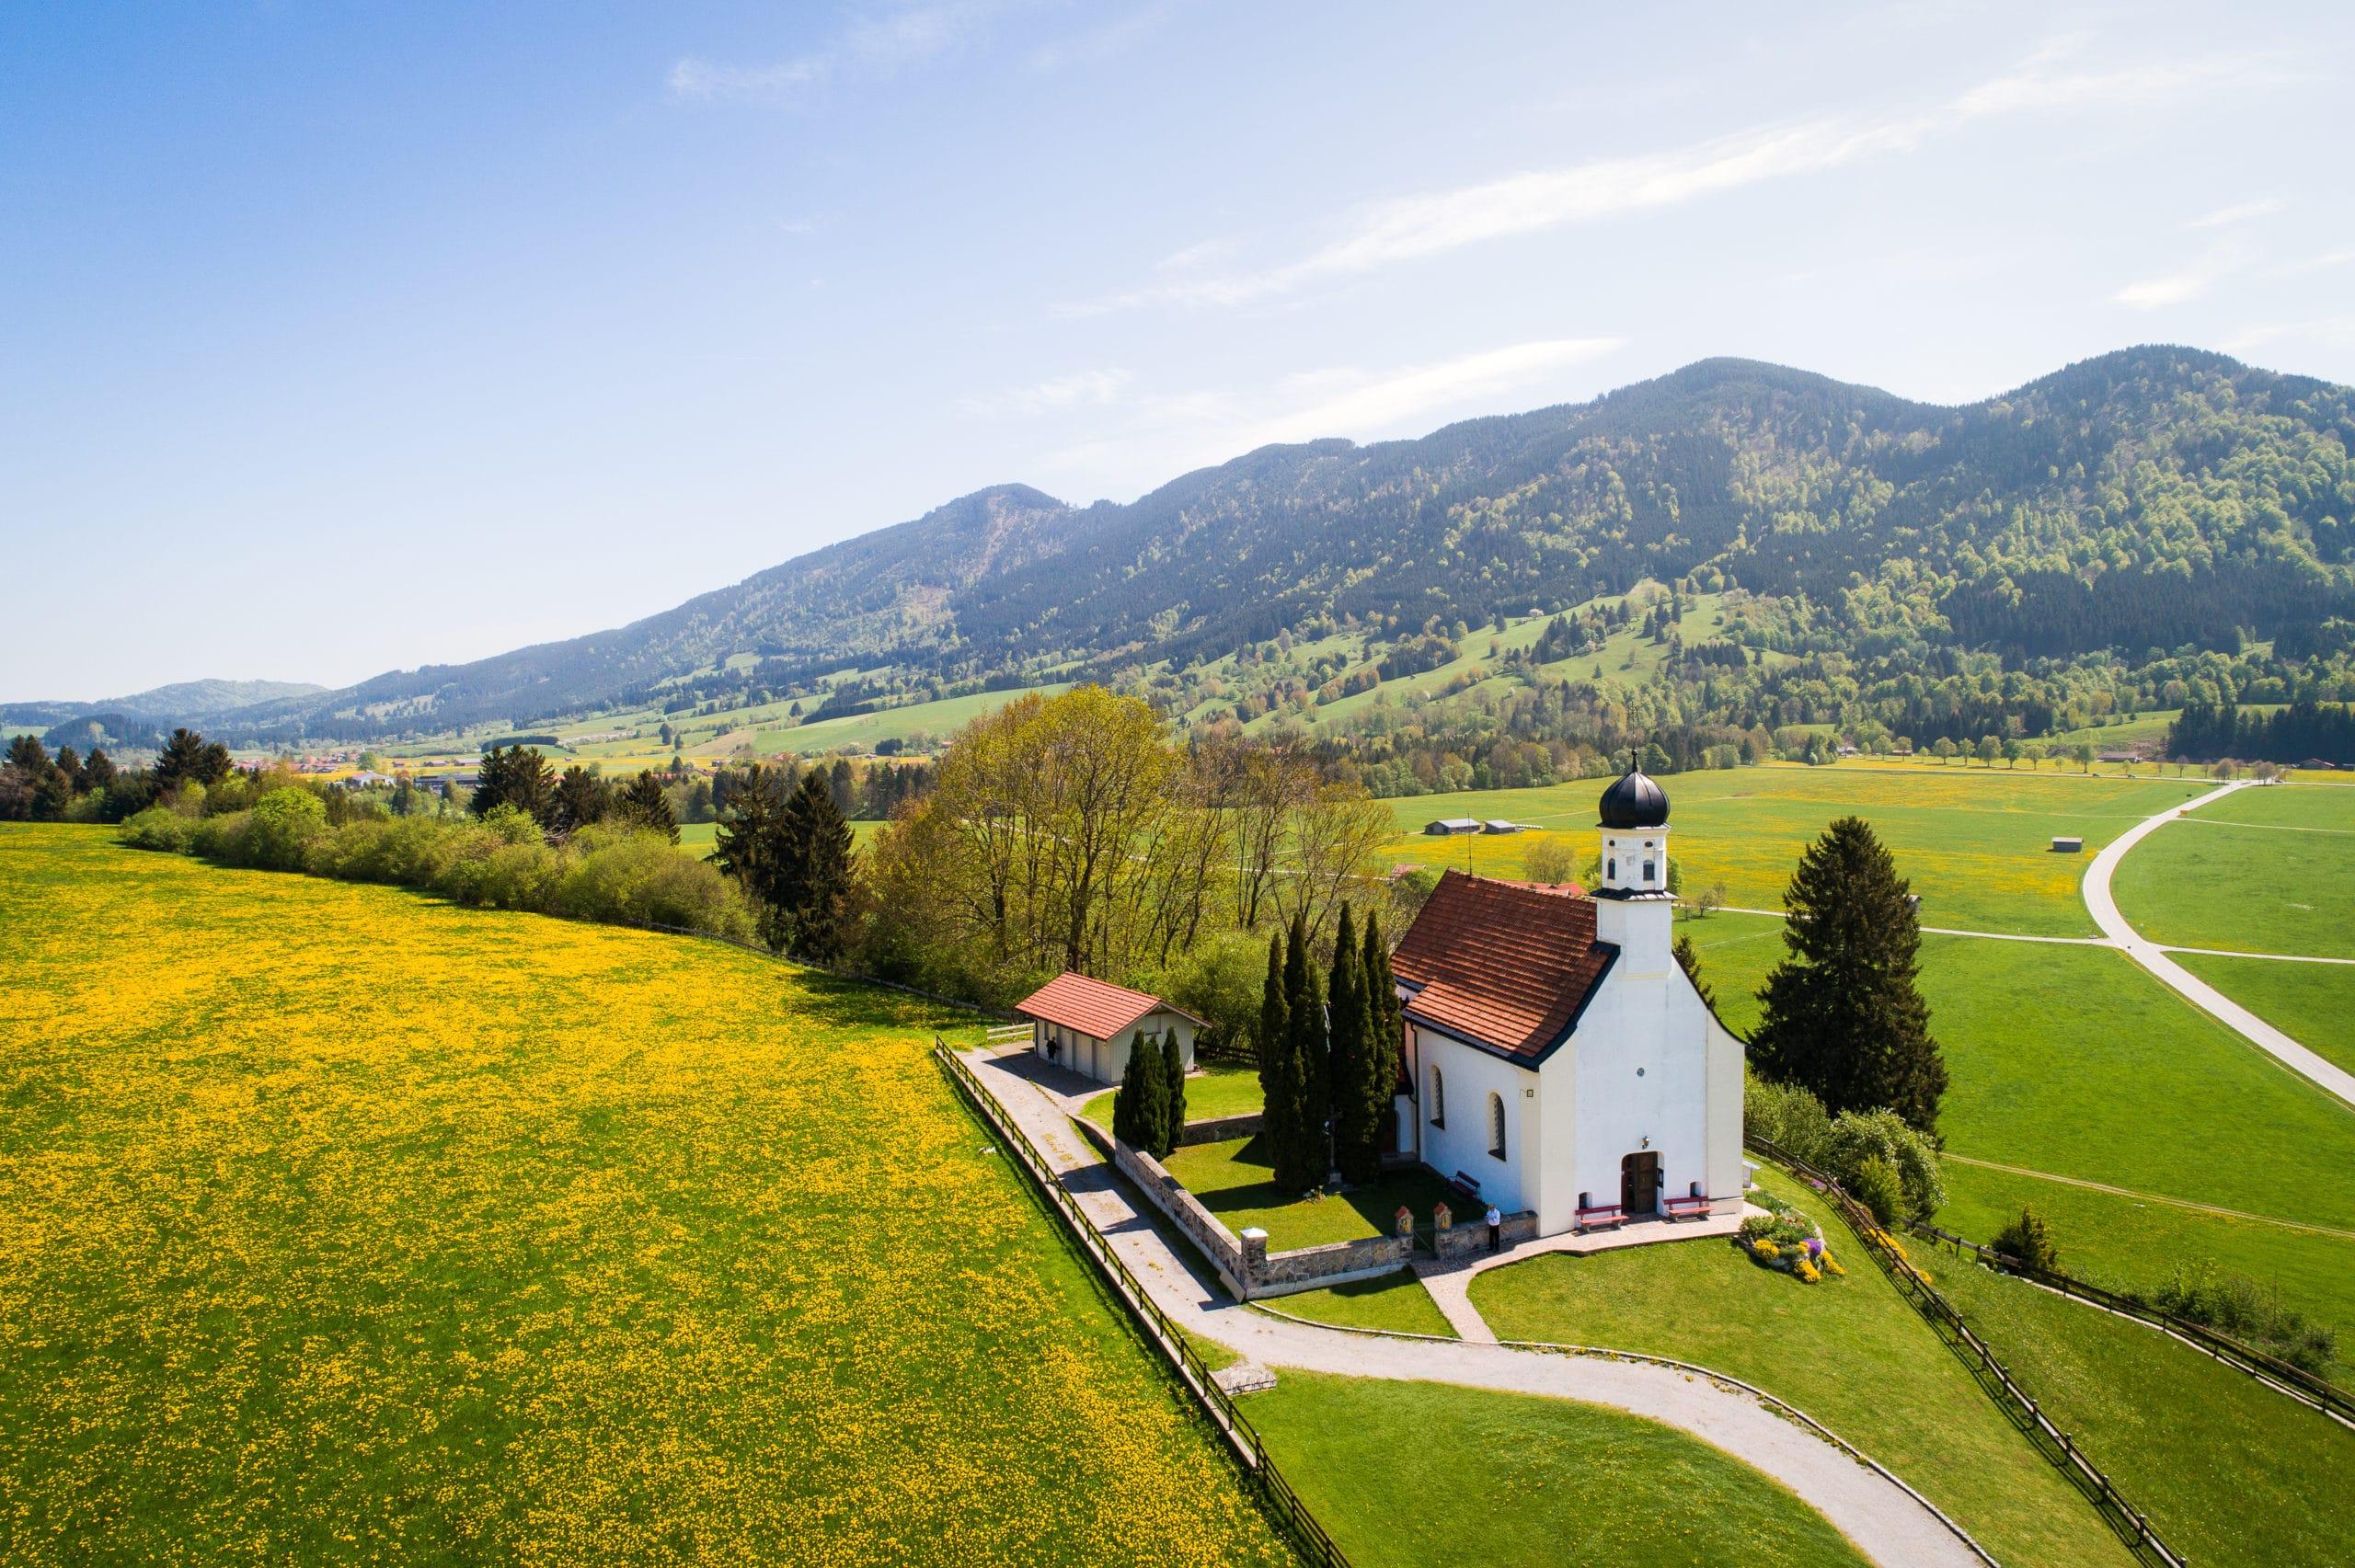 Luftaufnahme einer kleinen Kapelle für Tourismus Zwecke mit der Drohne |Werbefotograf in der Region Osnabrück Münster Bielefeld für Luftaufnahmen und Drohnenfotografie